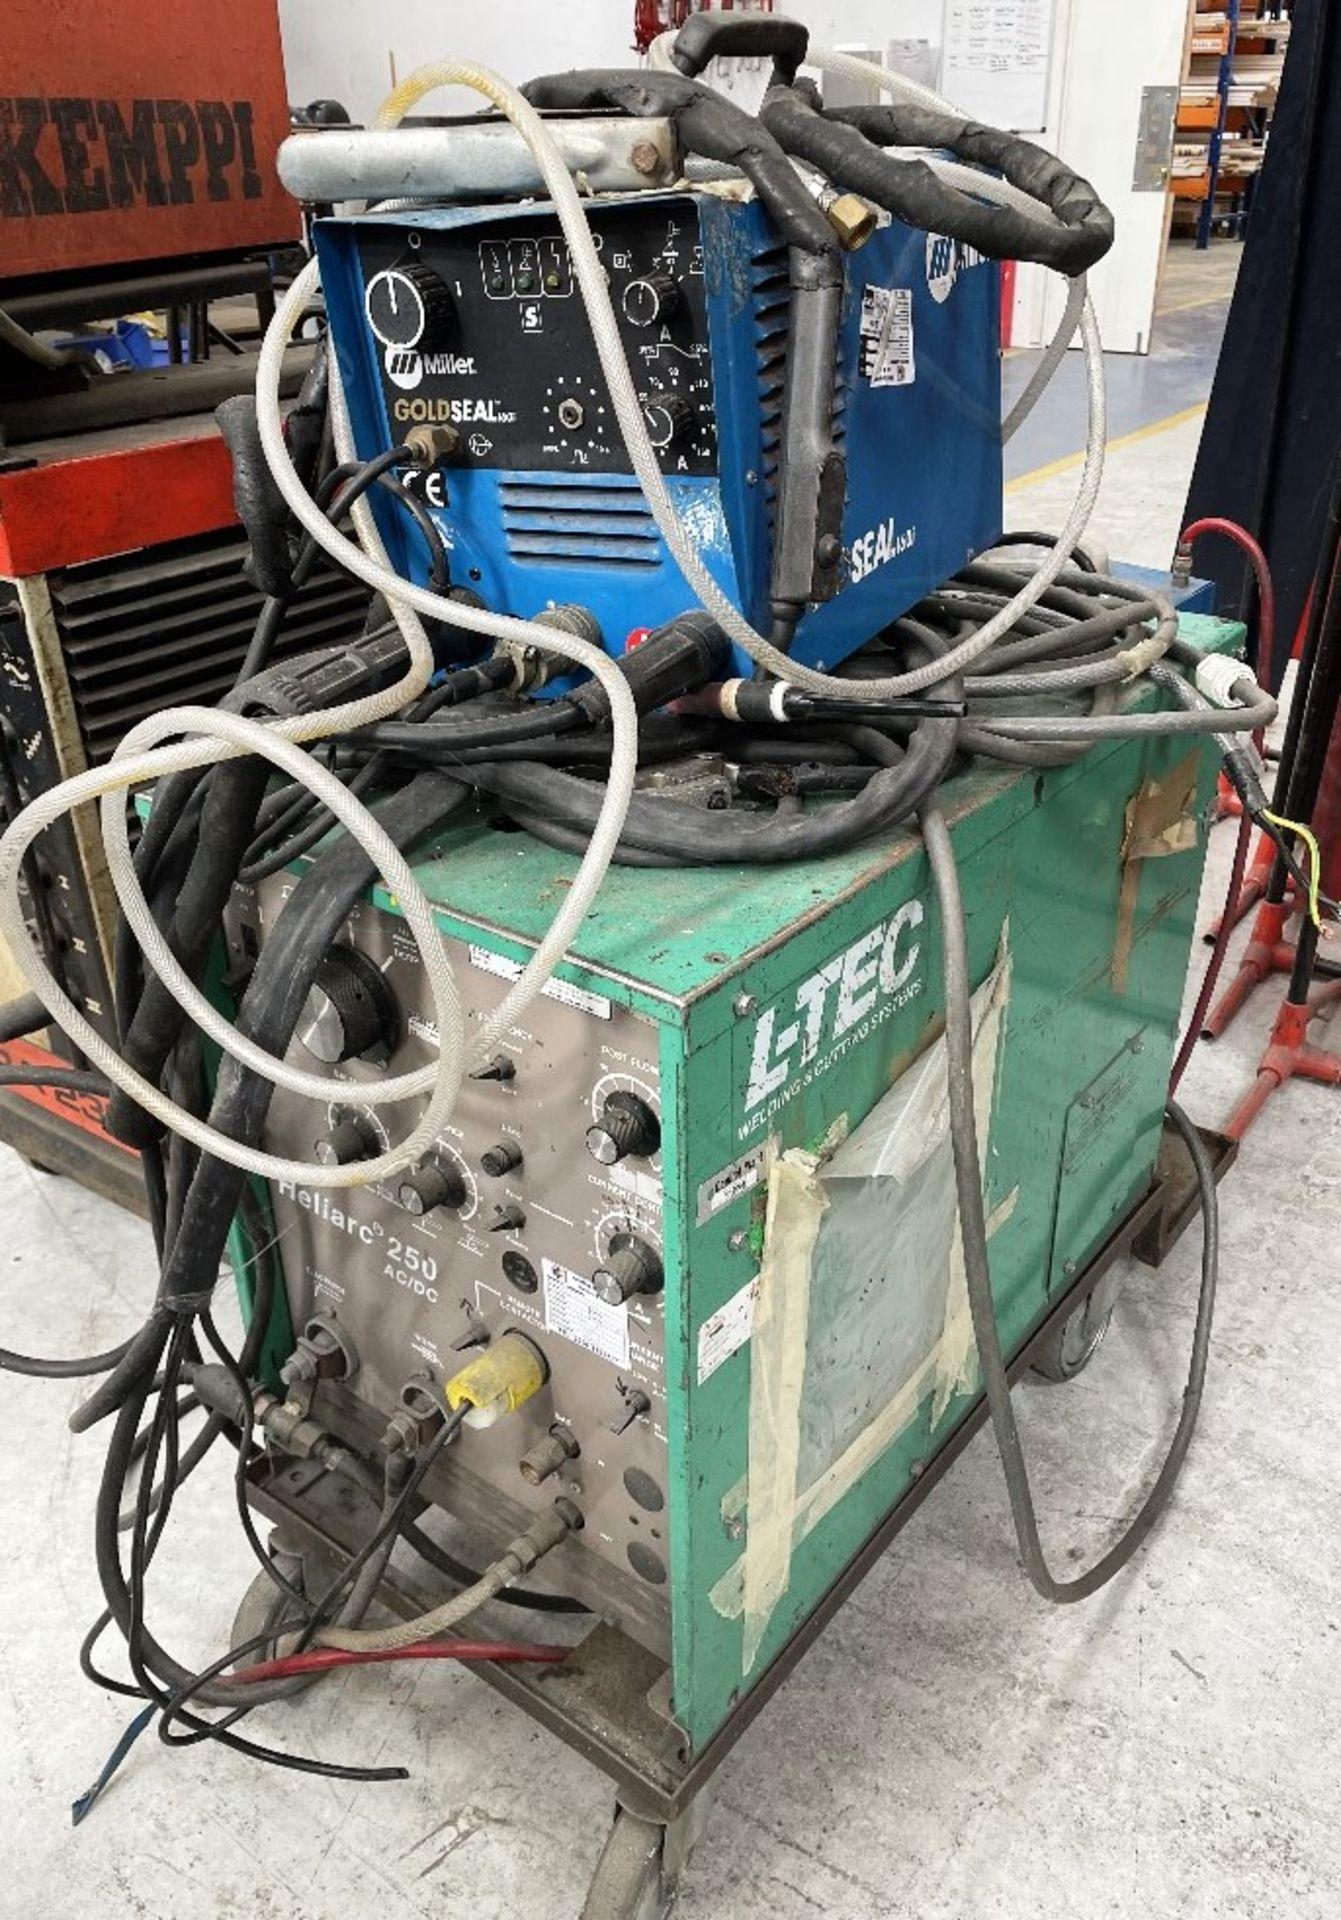 L-Tec Heliarc 250 Tig/Stick Welder w/ Miller Power Source & Water Cooler